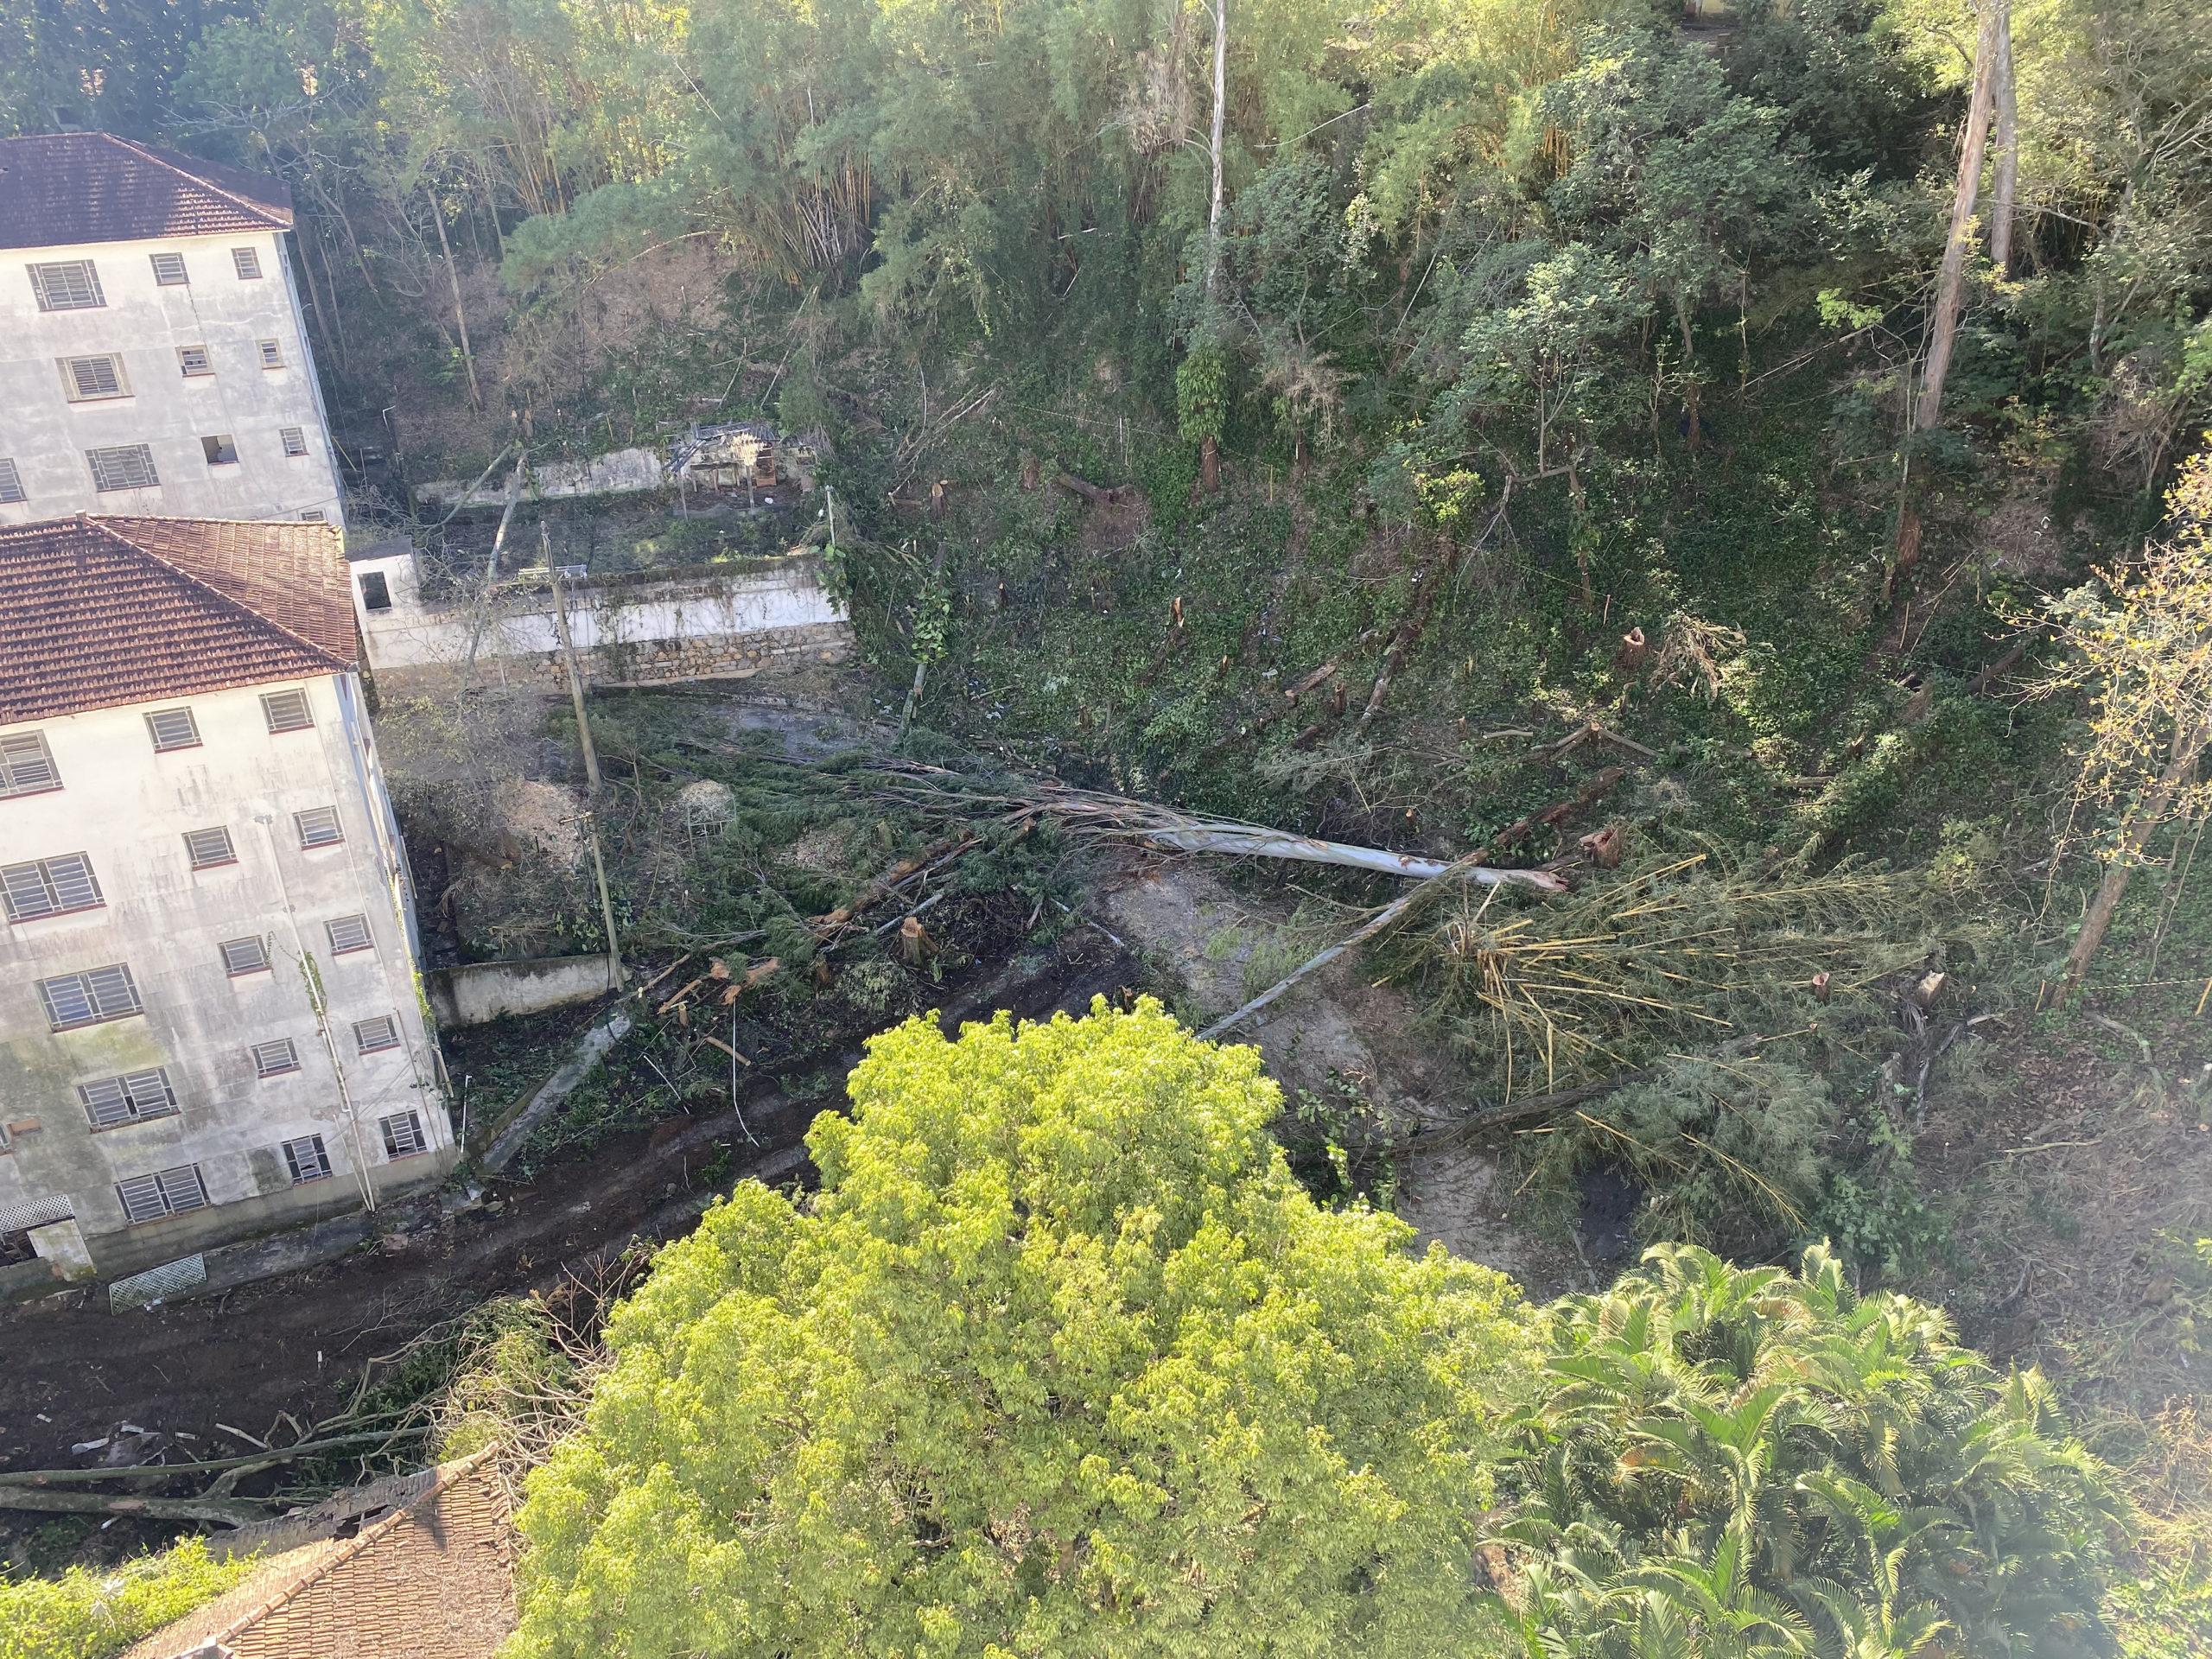 Árvores já foram derrubadas para construção de condomínio de luxo